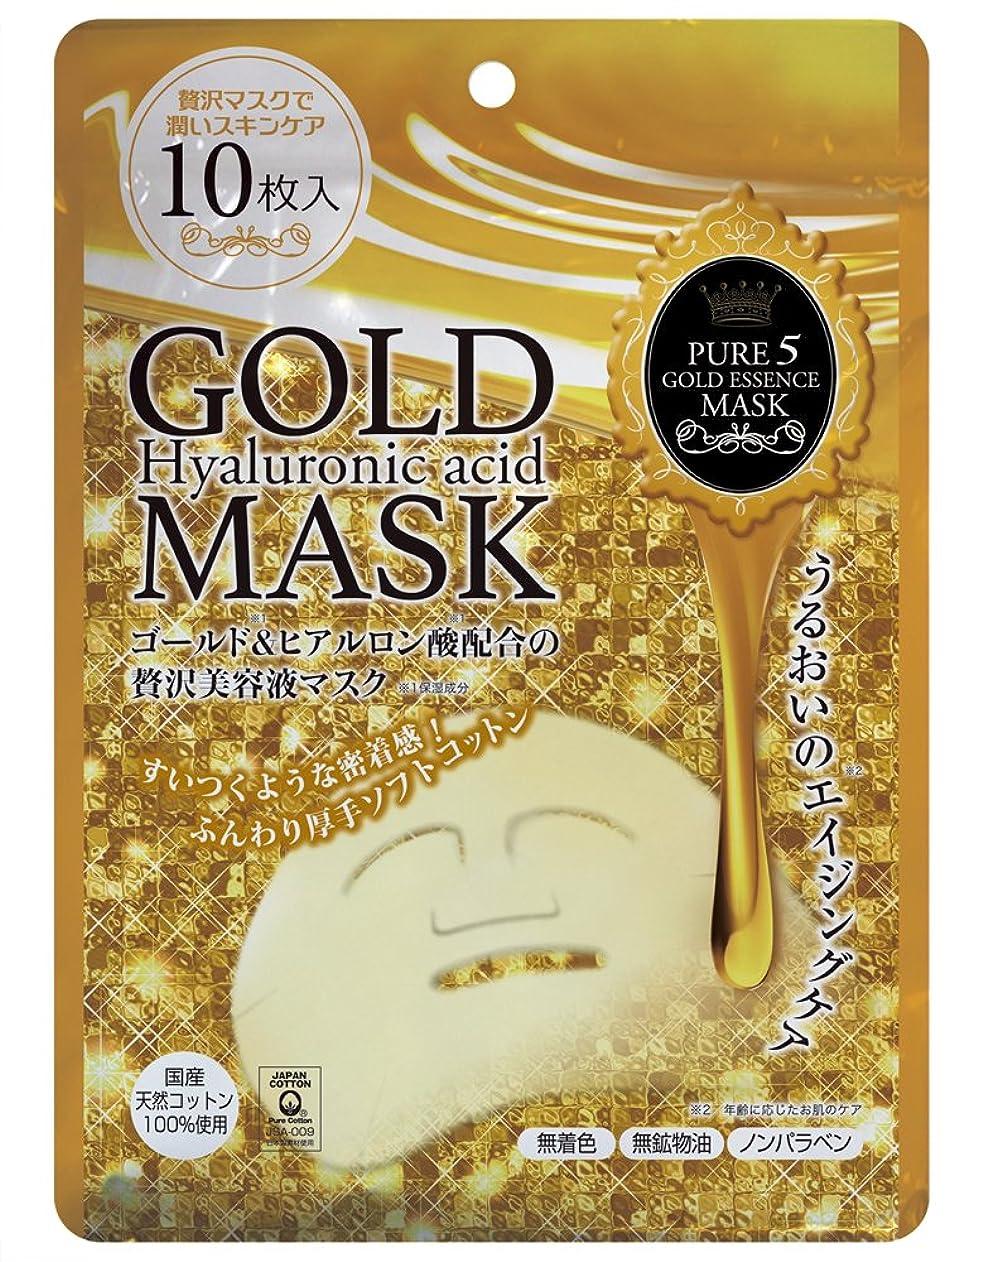 資格情報ディベート年次ピュアファイブ ゴールドエッセンスマスク